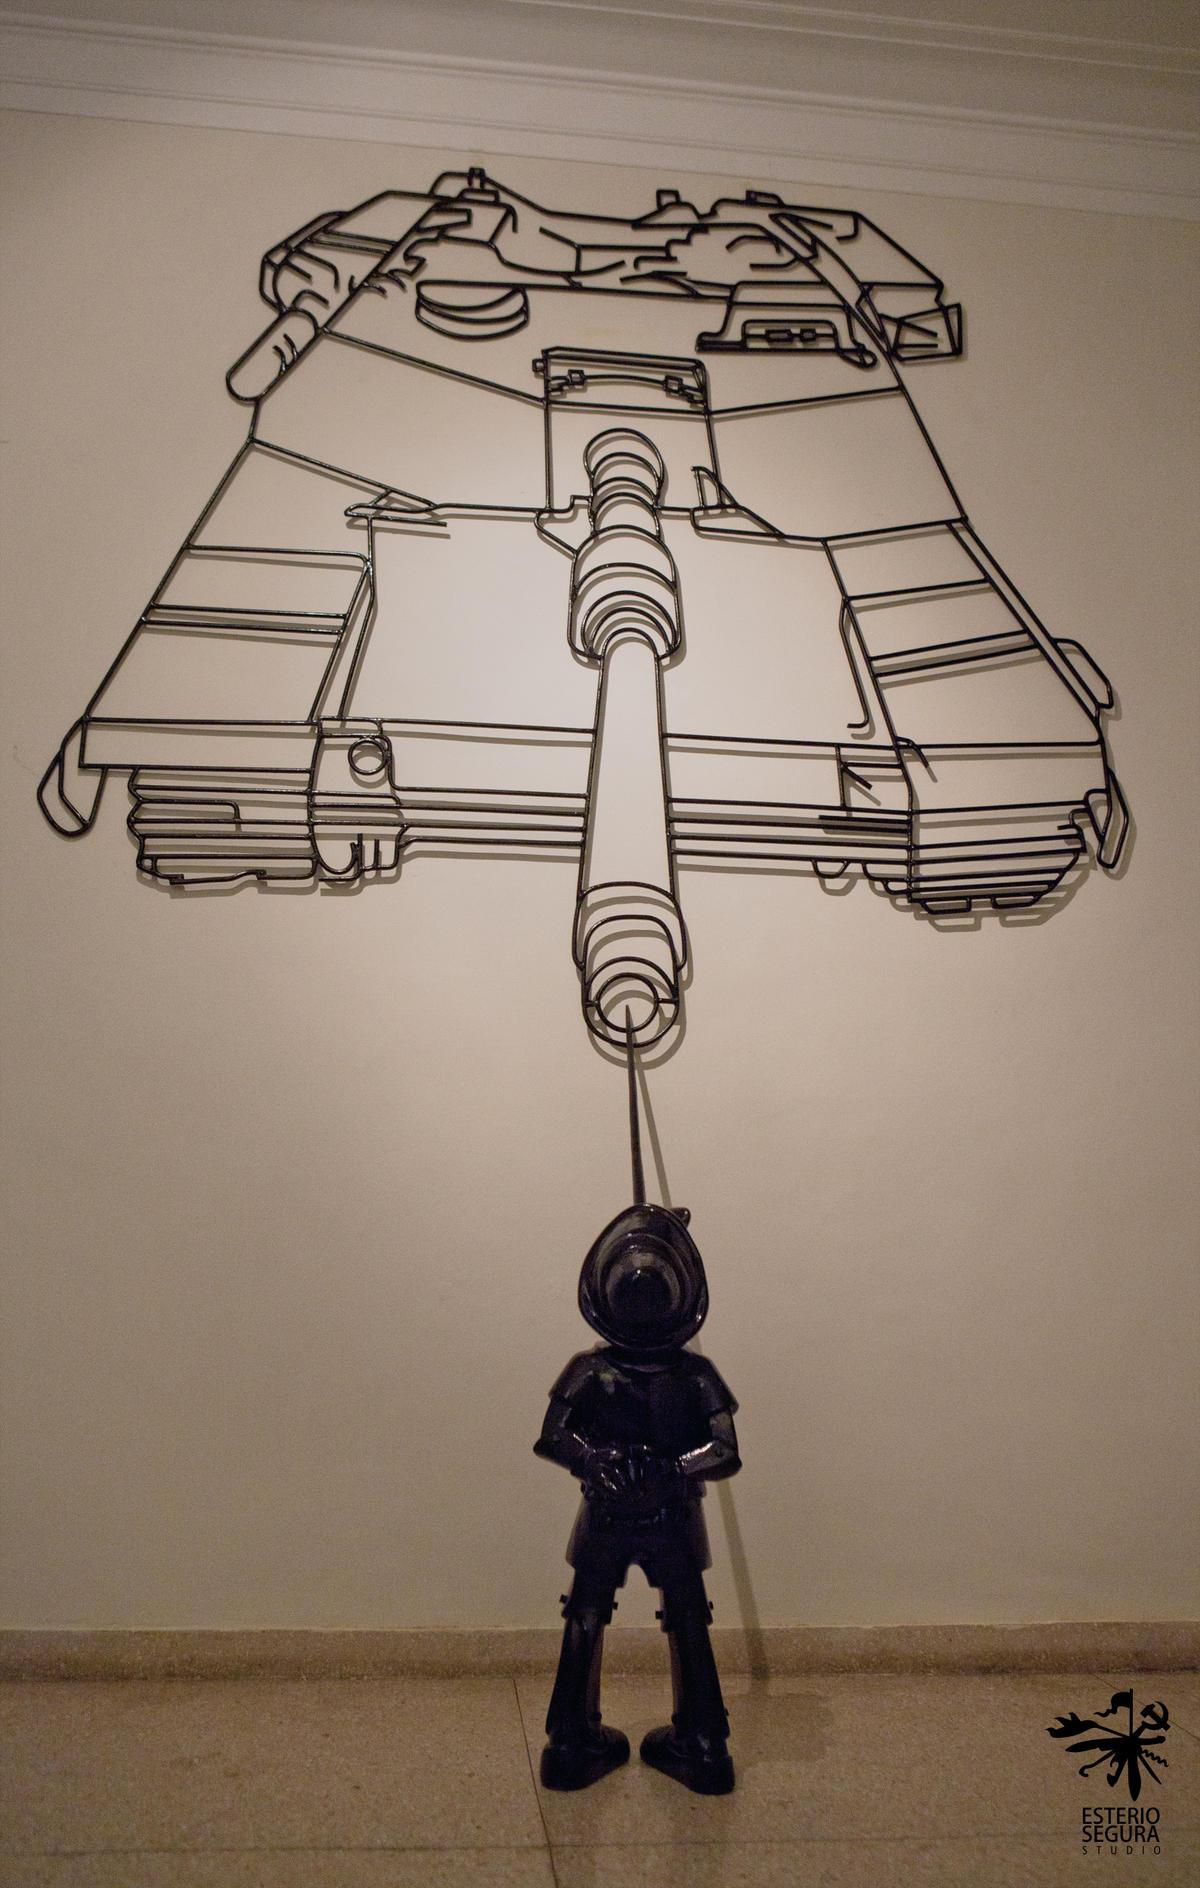 Boomerang, 2011. Serie La historia se muerde la cola. Fibra de vidrio y acero. Dimensiones variables.